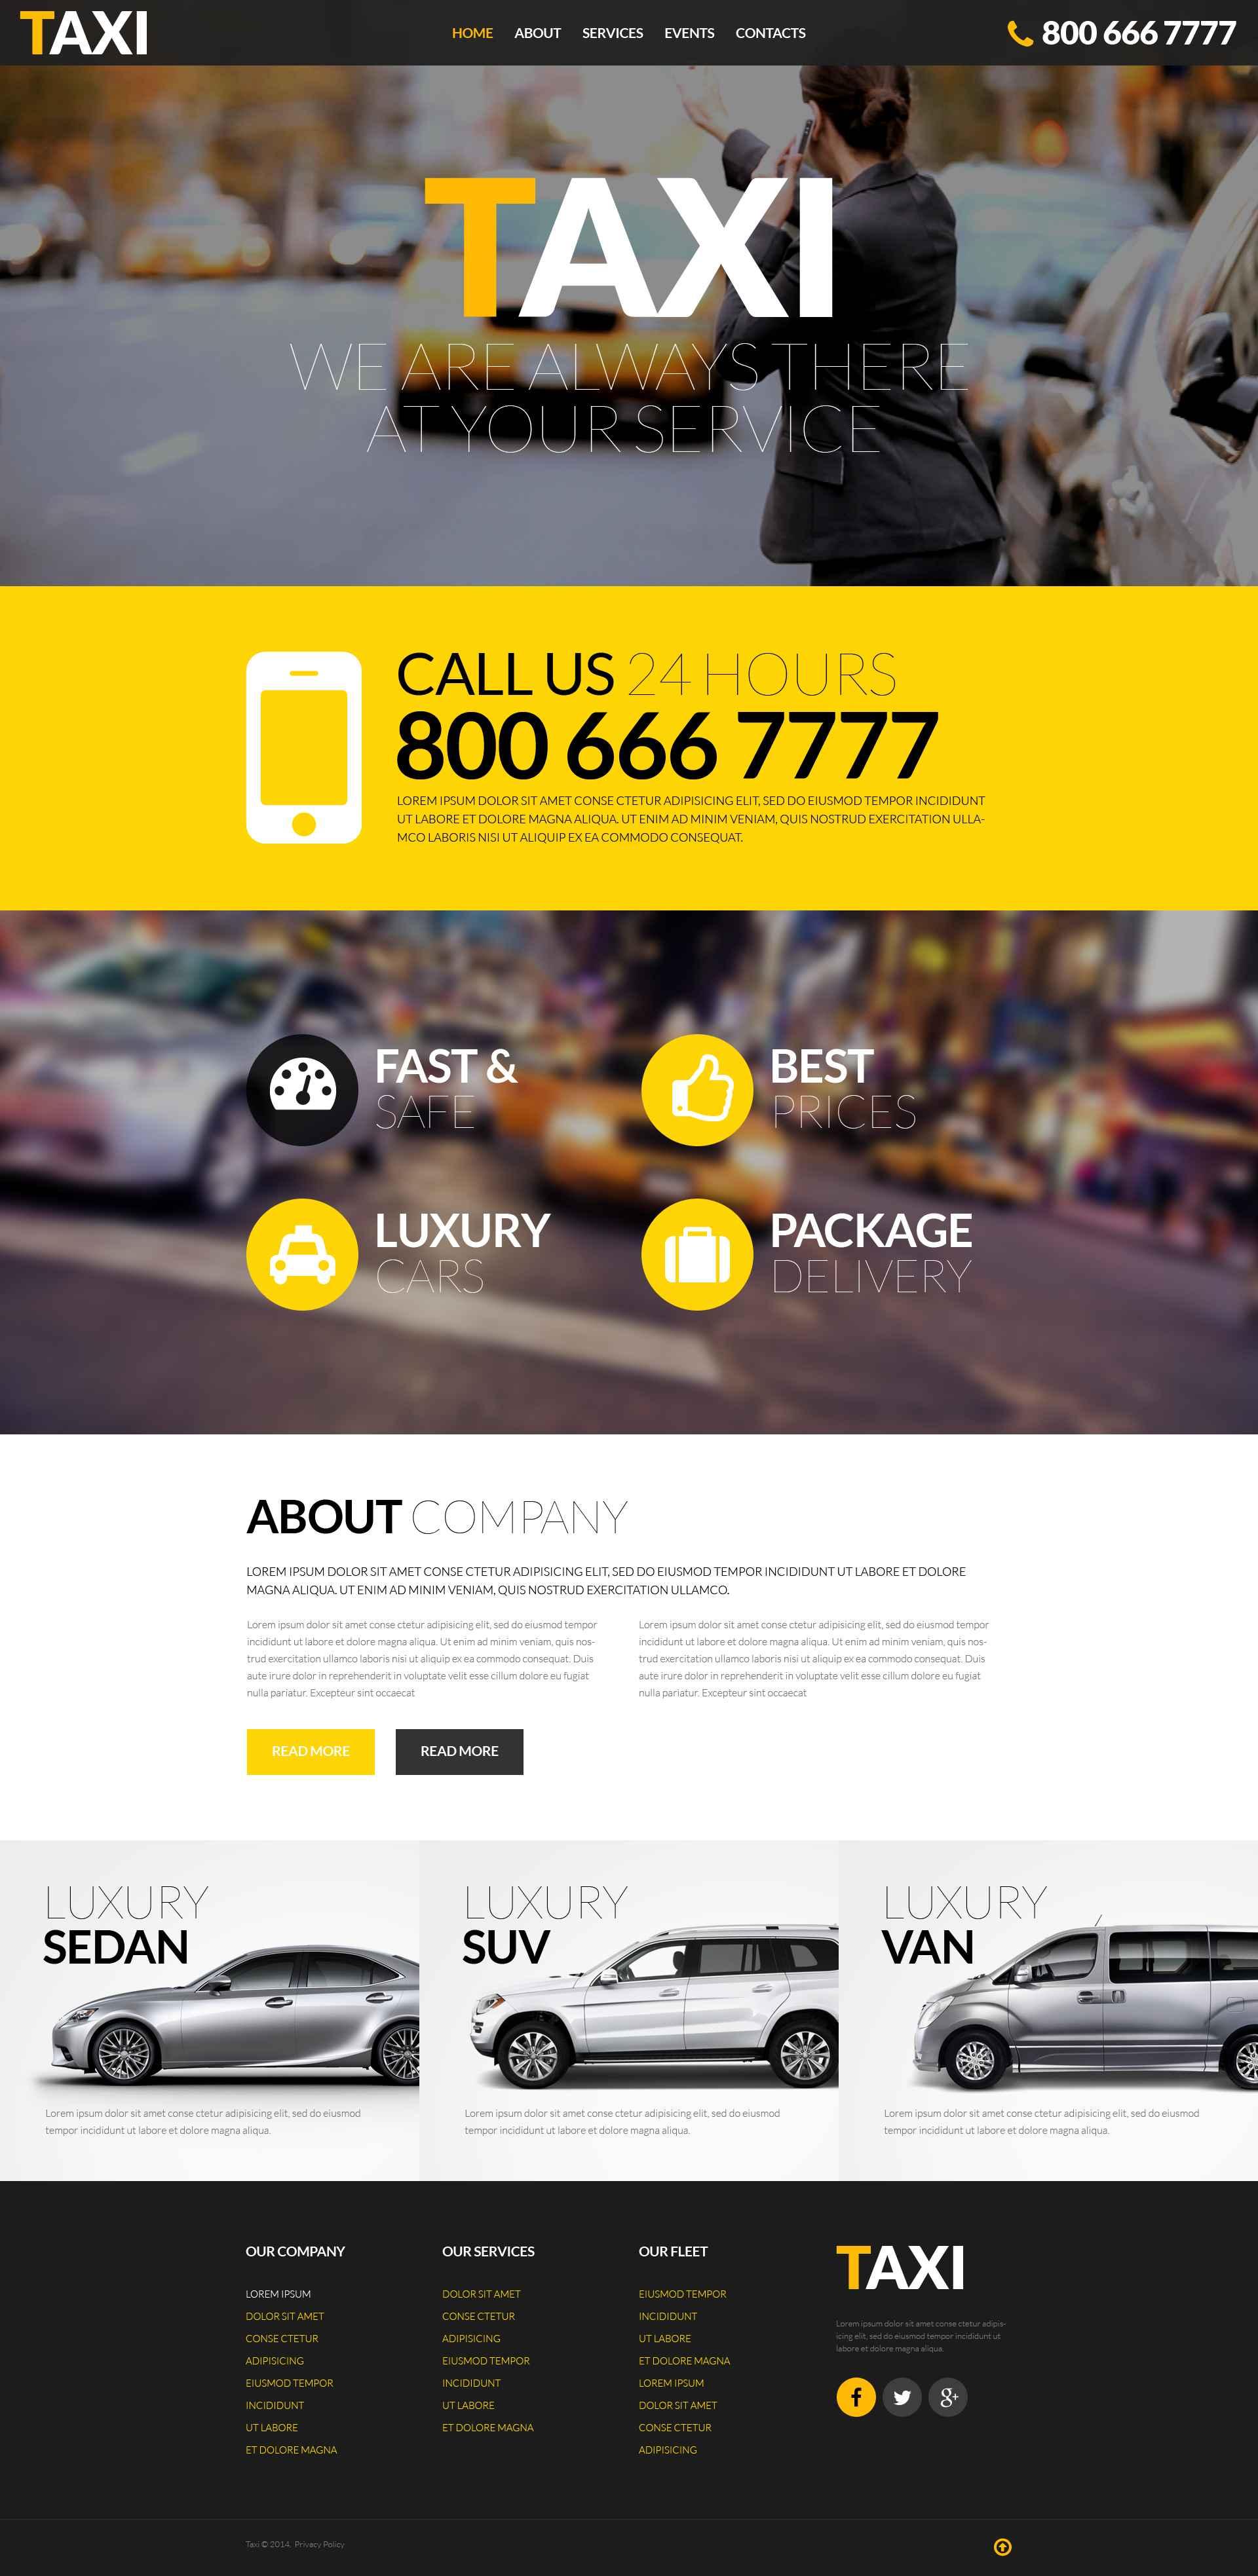 Адаптивний Шаблон сайту на тему таксі №52390 - скріншот